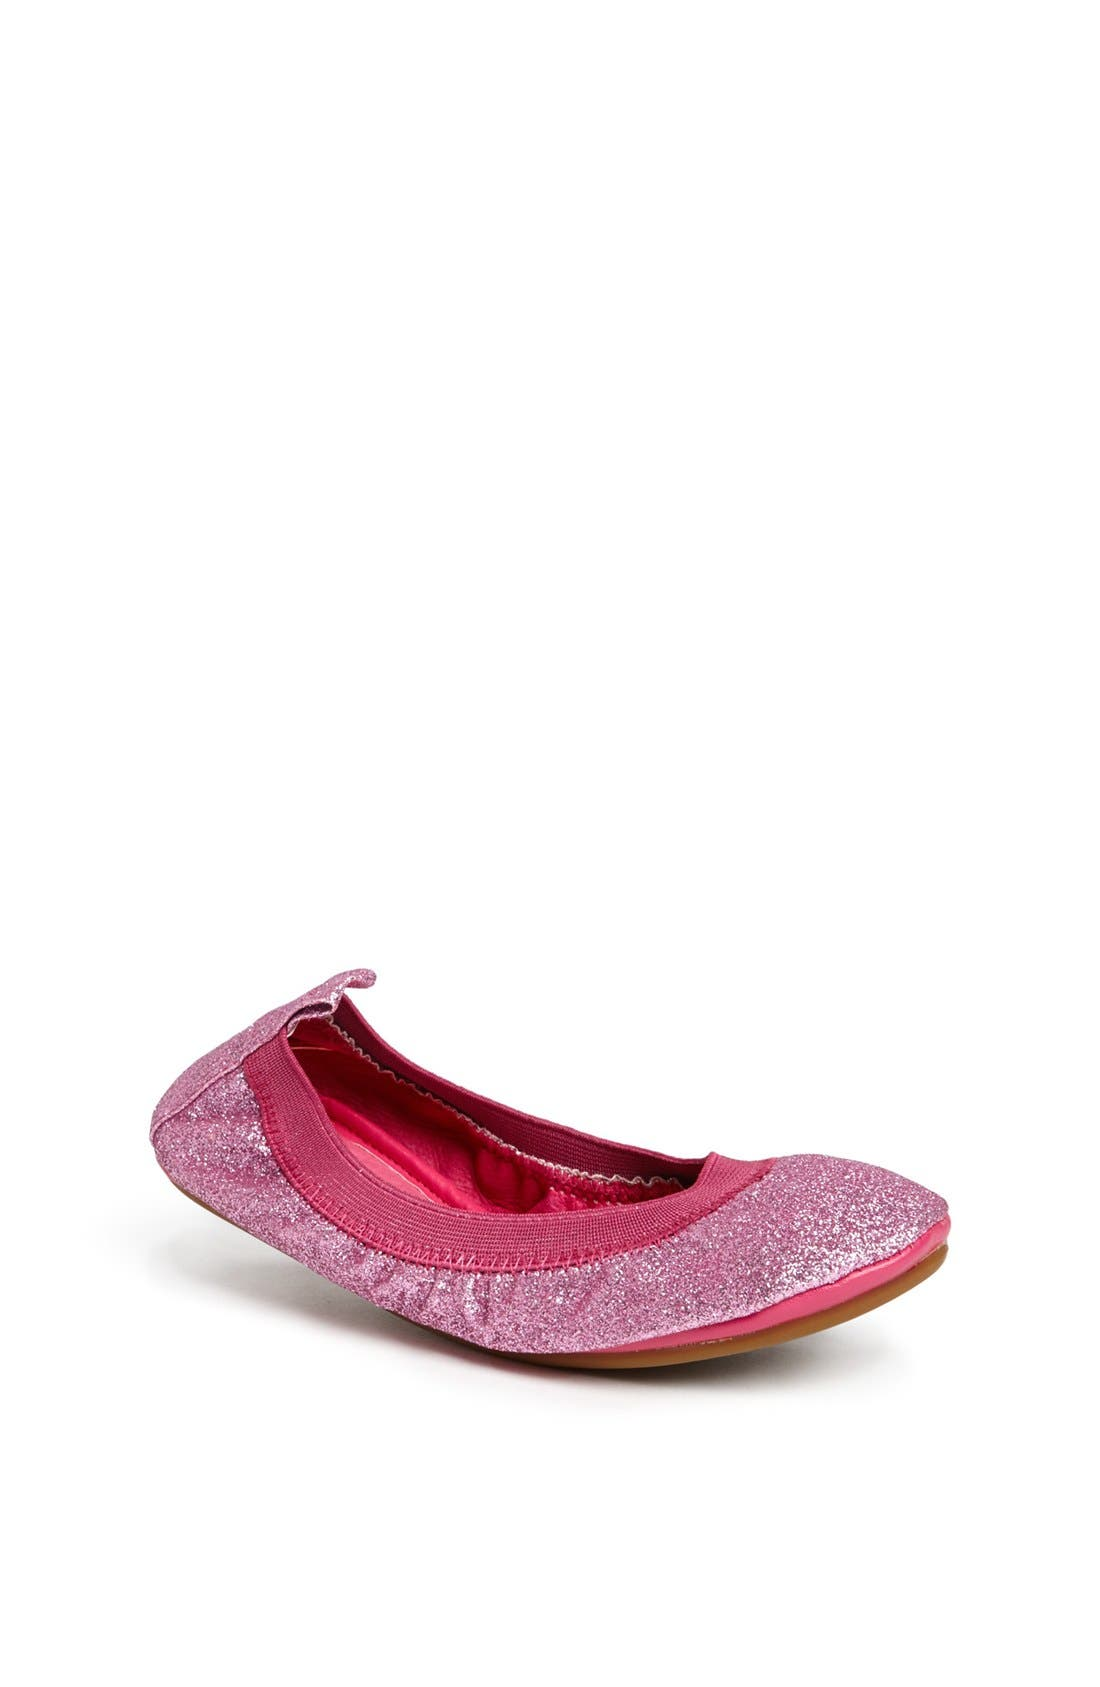 Main Image - Yosi Samra Glitter Foldable Ballet Flat (Toddler, Little Kid & Big Kid)